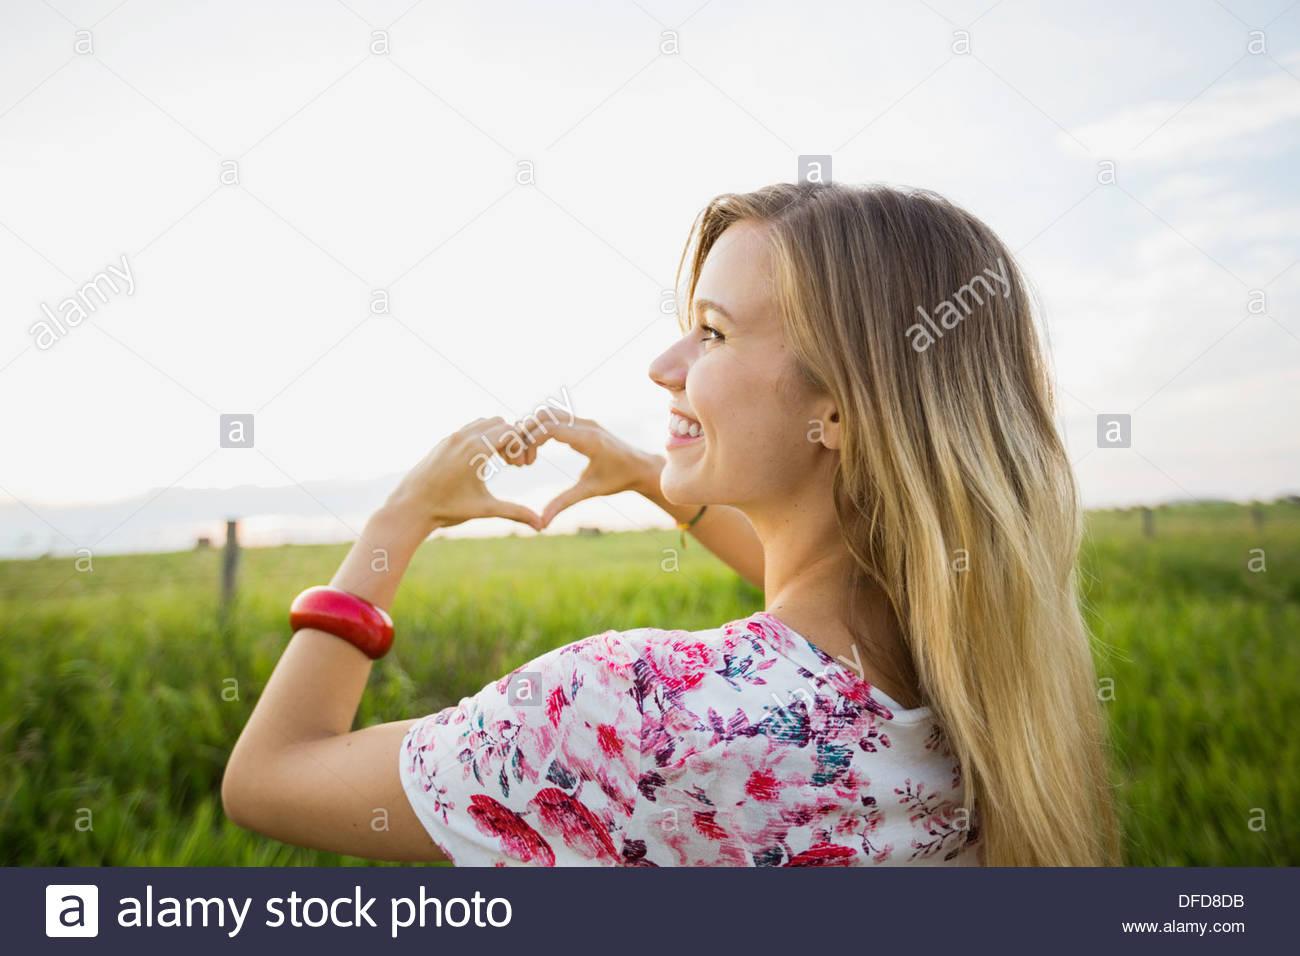 Vista sobre el hombro de una joven haciendo forma de corazón con las manos Imagen De Stock